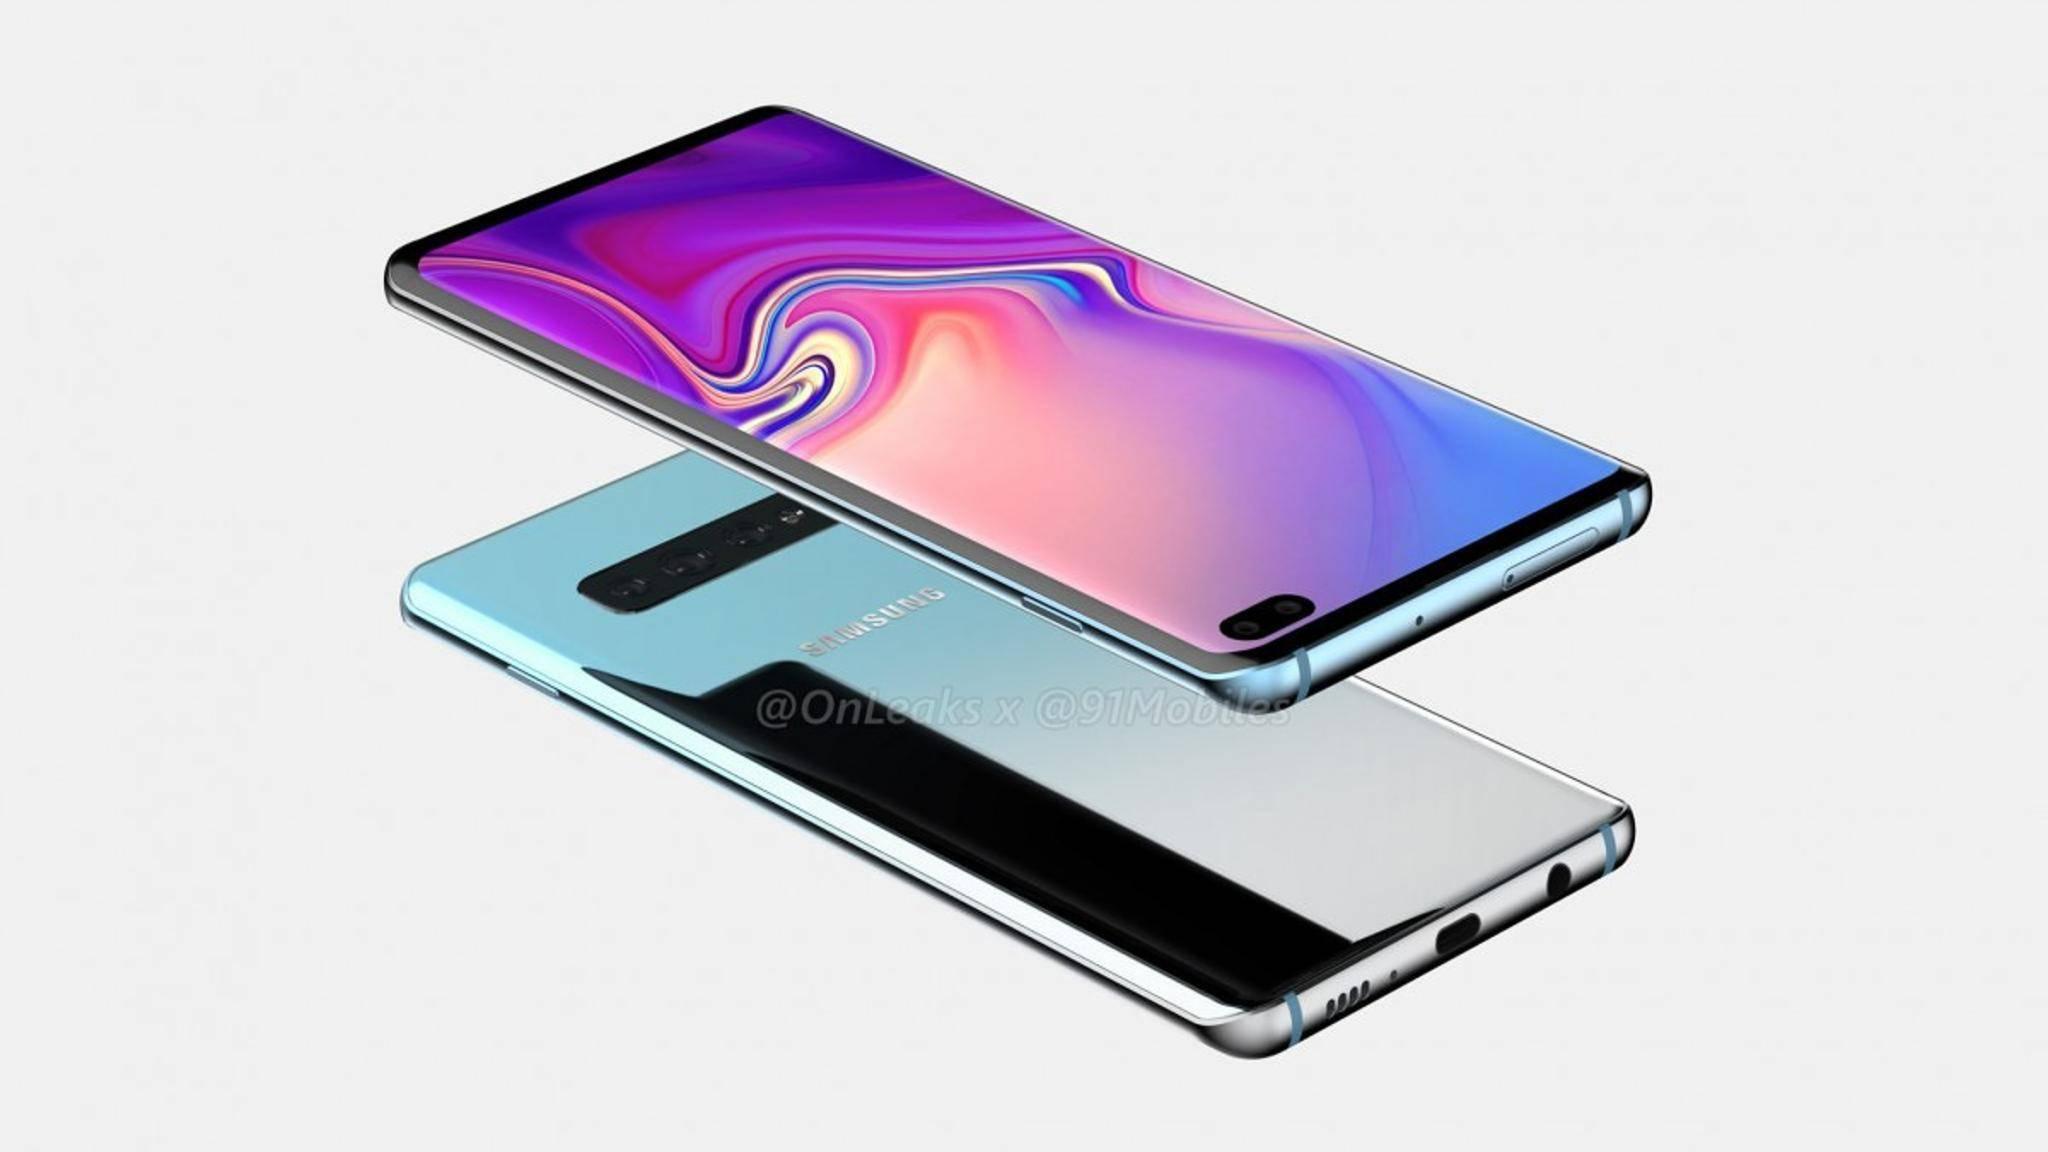 Ein neuer Leak verrät viele Details zu den kommenden Galaxy-S10-Modellen.